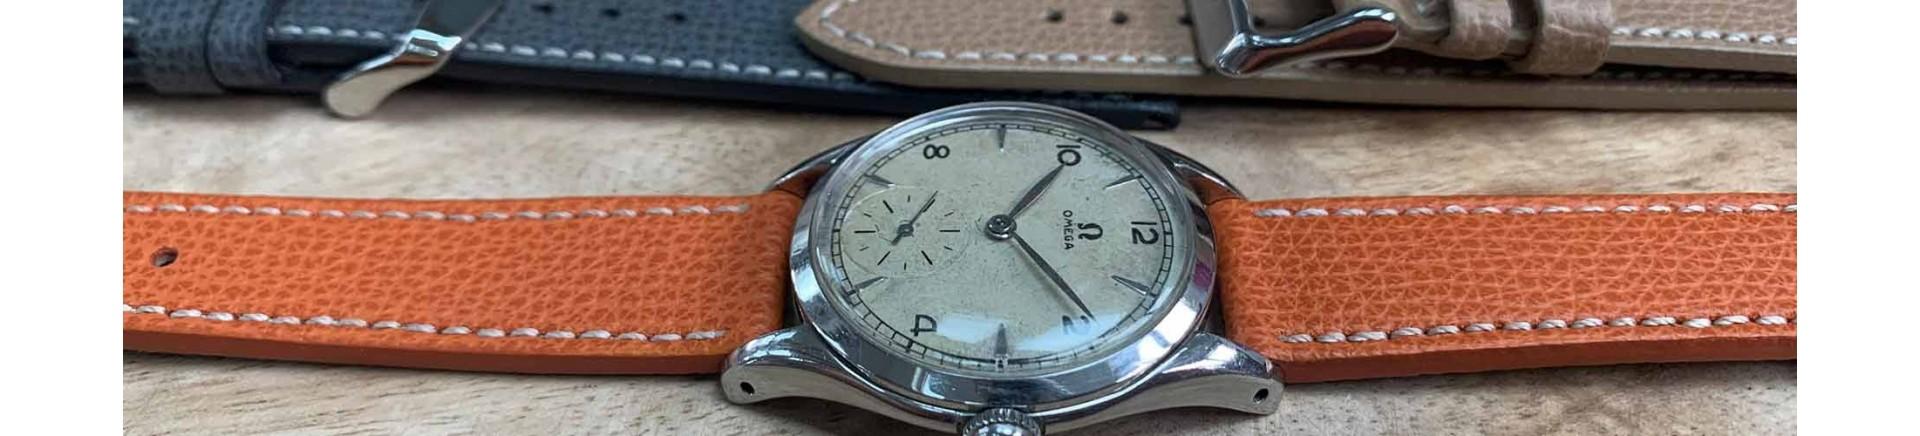 Bracelets Atelier 18mm